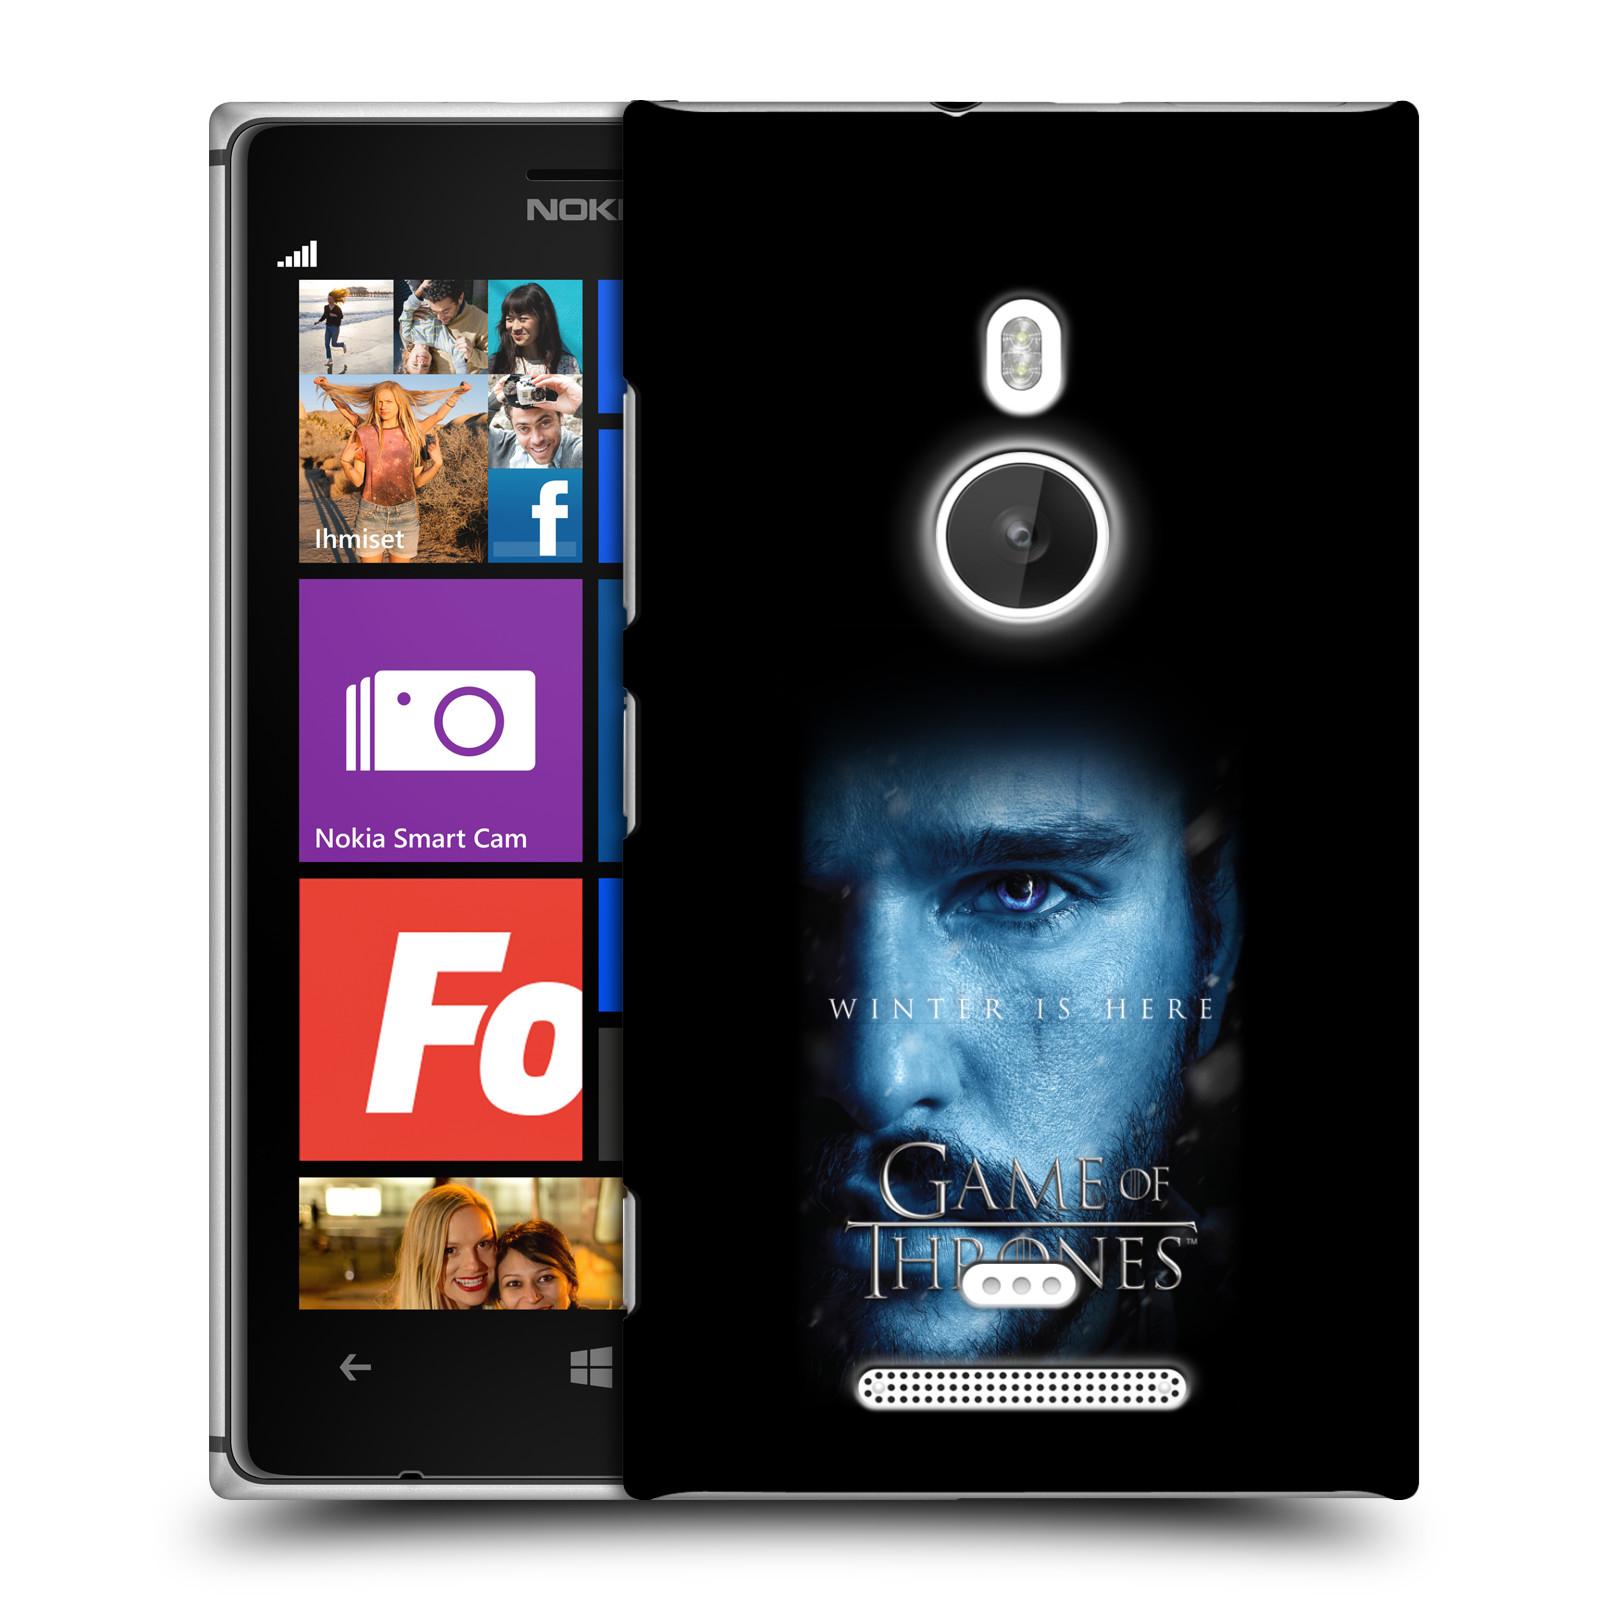 Plastové pouzdro na mobil Nokia Lumia 925 - Head Case - Hra o trůny - Jon Snow - Winter is here (Plastový kryt či obal na mobilní telefon s motivem Game of Thrones - Jon Snow - Winter is here - Season 7 pro Nokia Lumia 925)